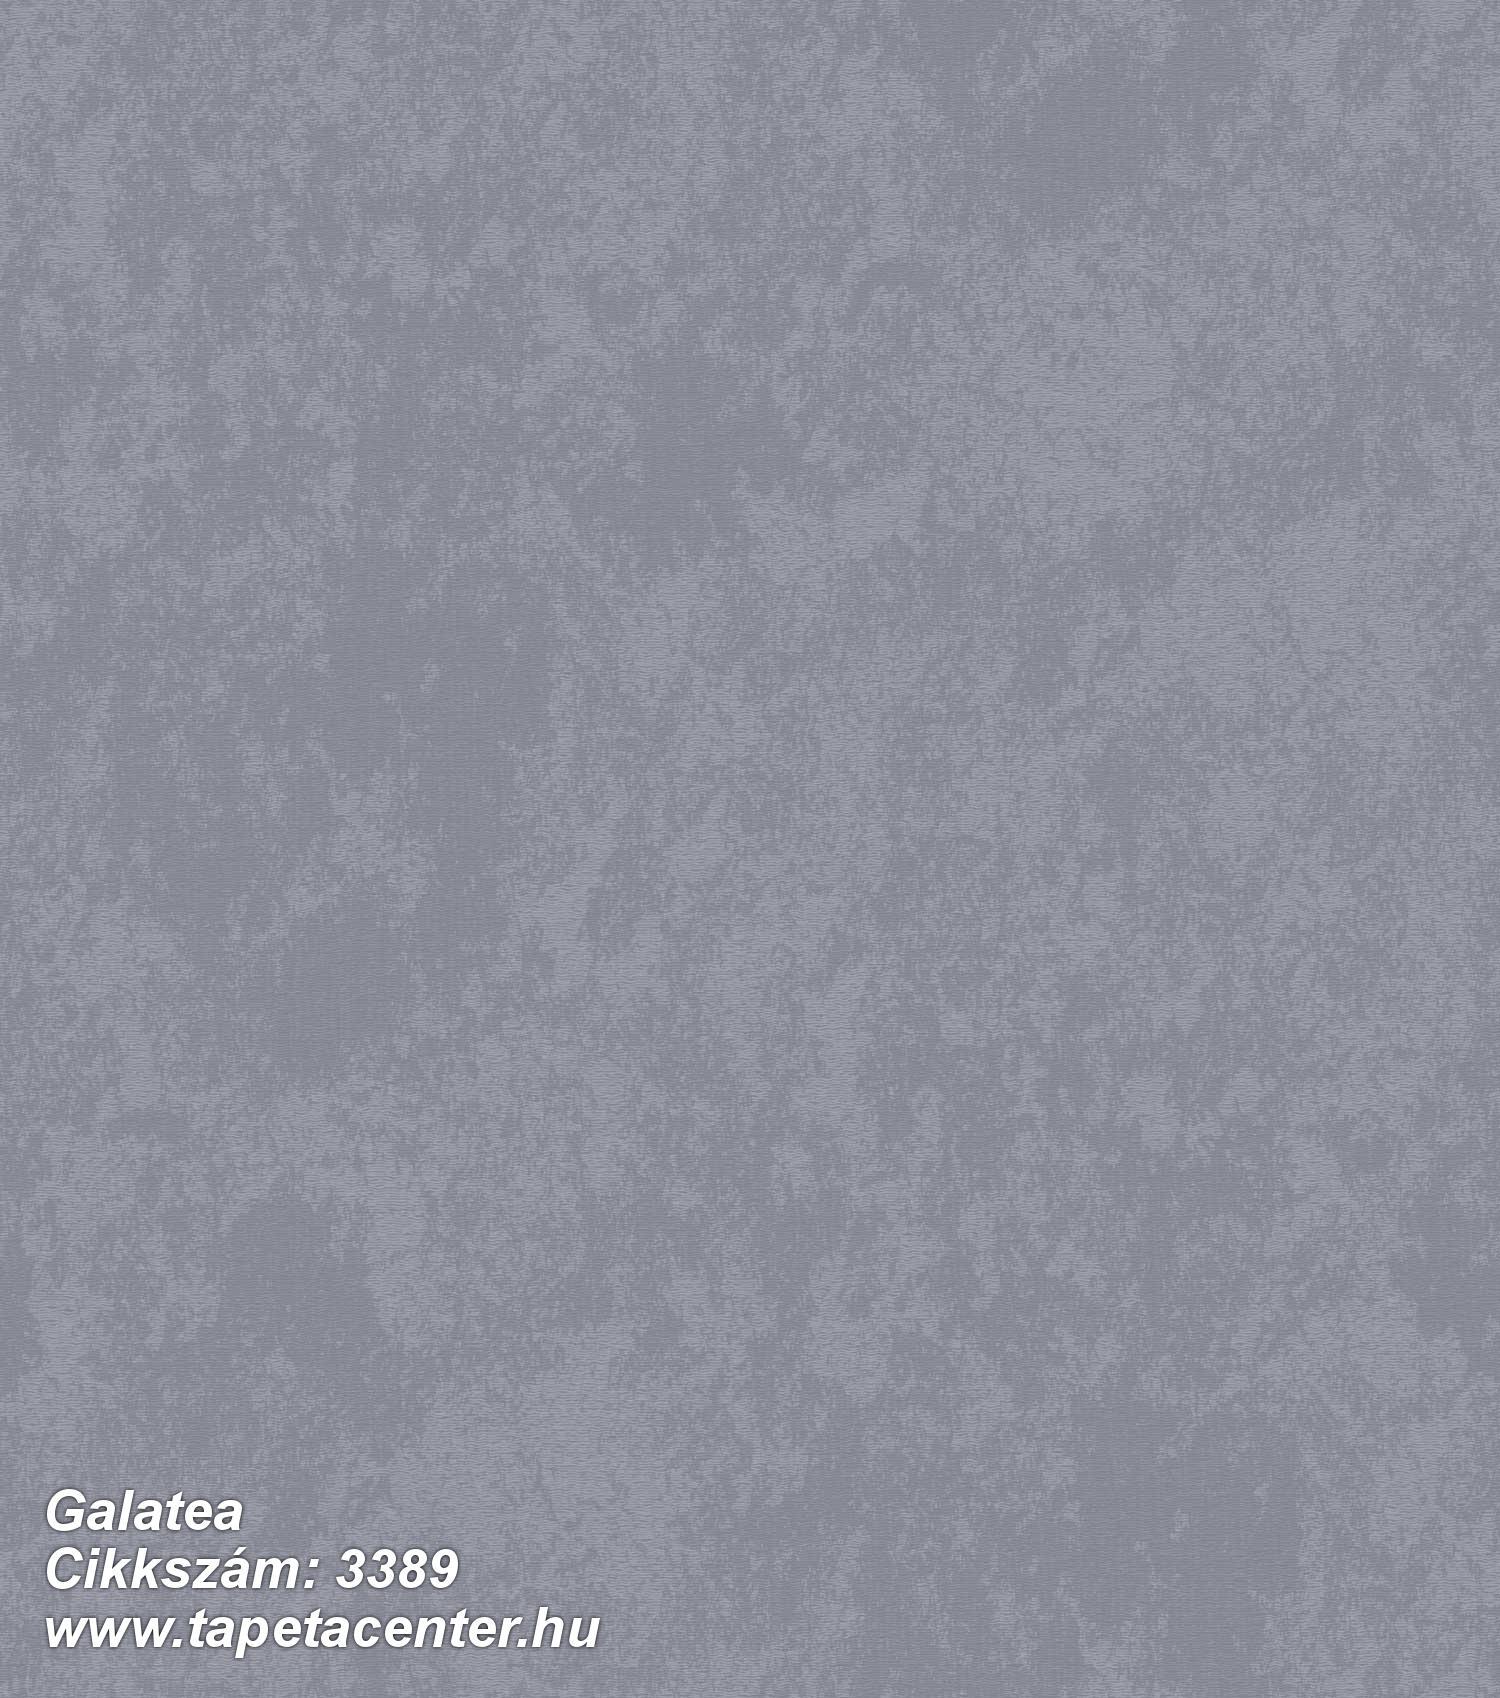 Galatea - 3389 Olasz tapéta